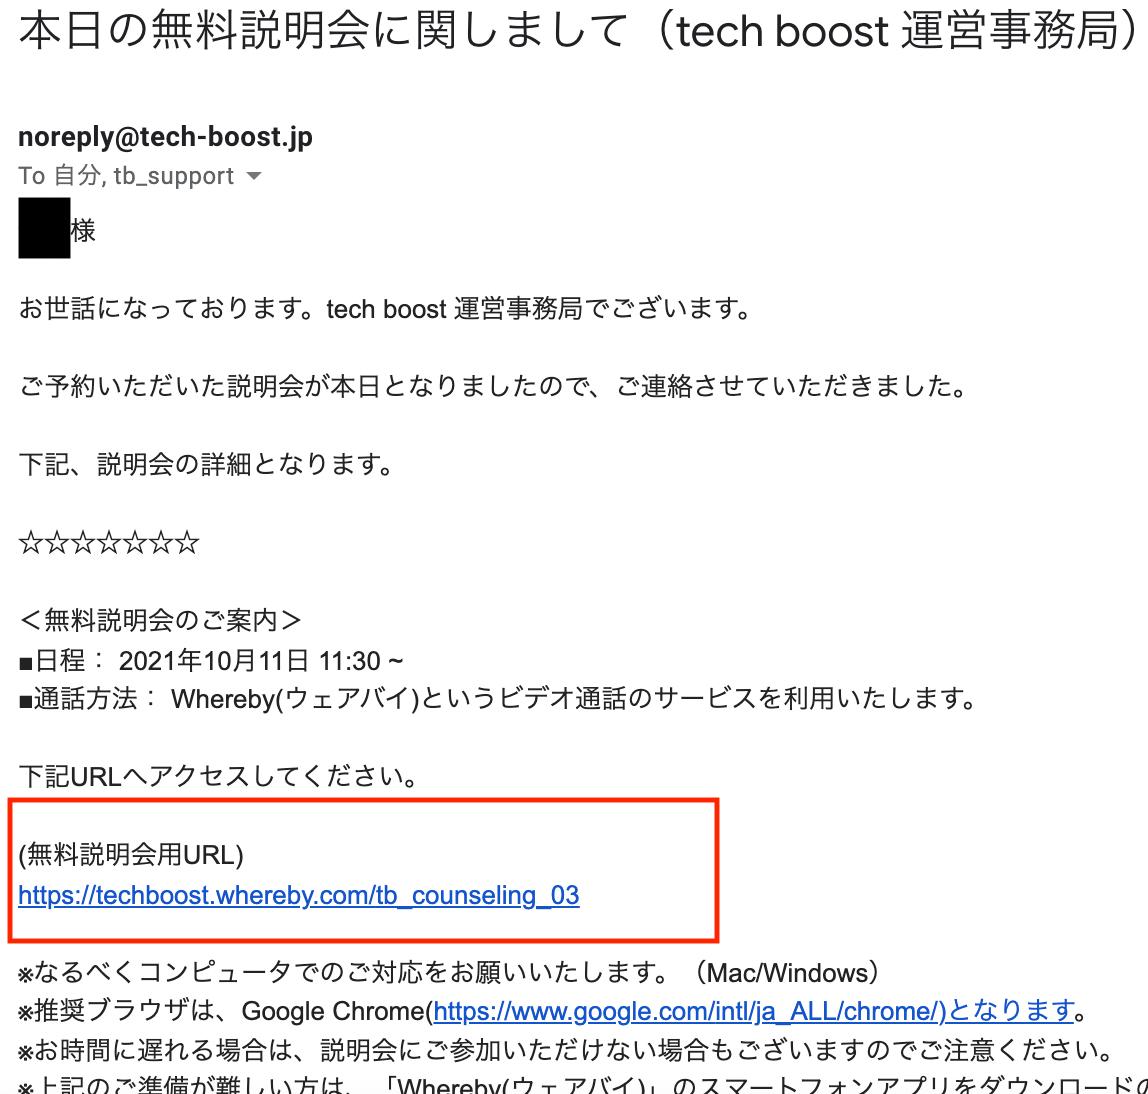 メール_説明会申し込み_当日